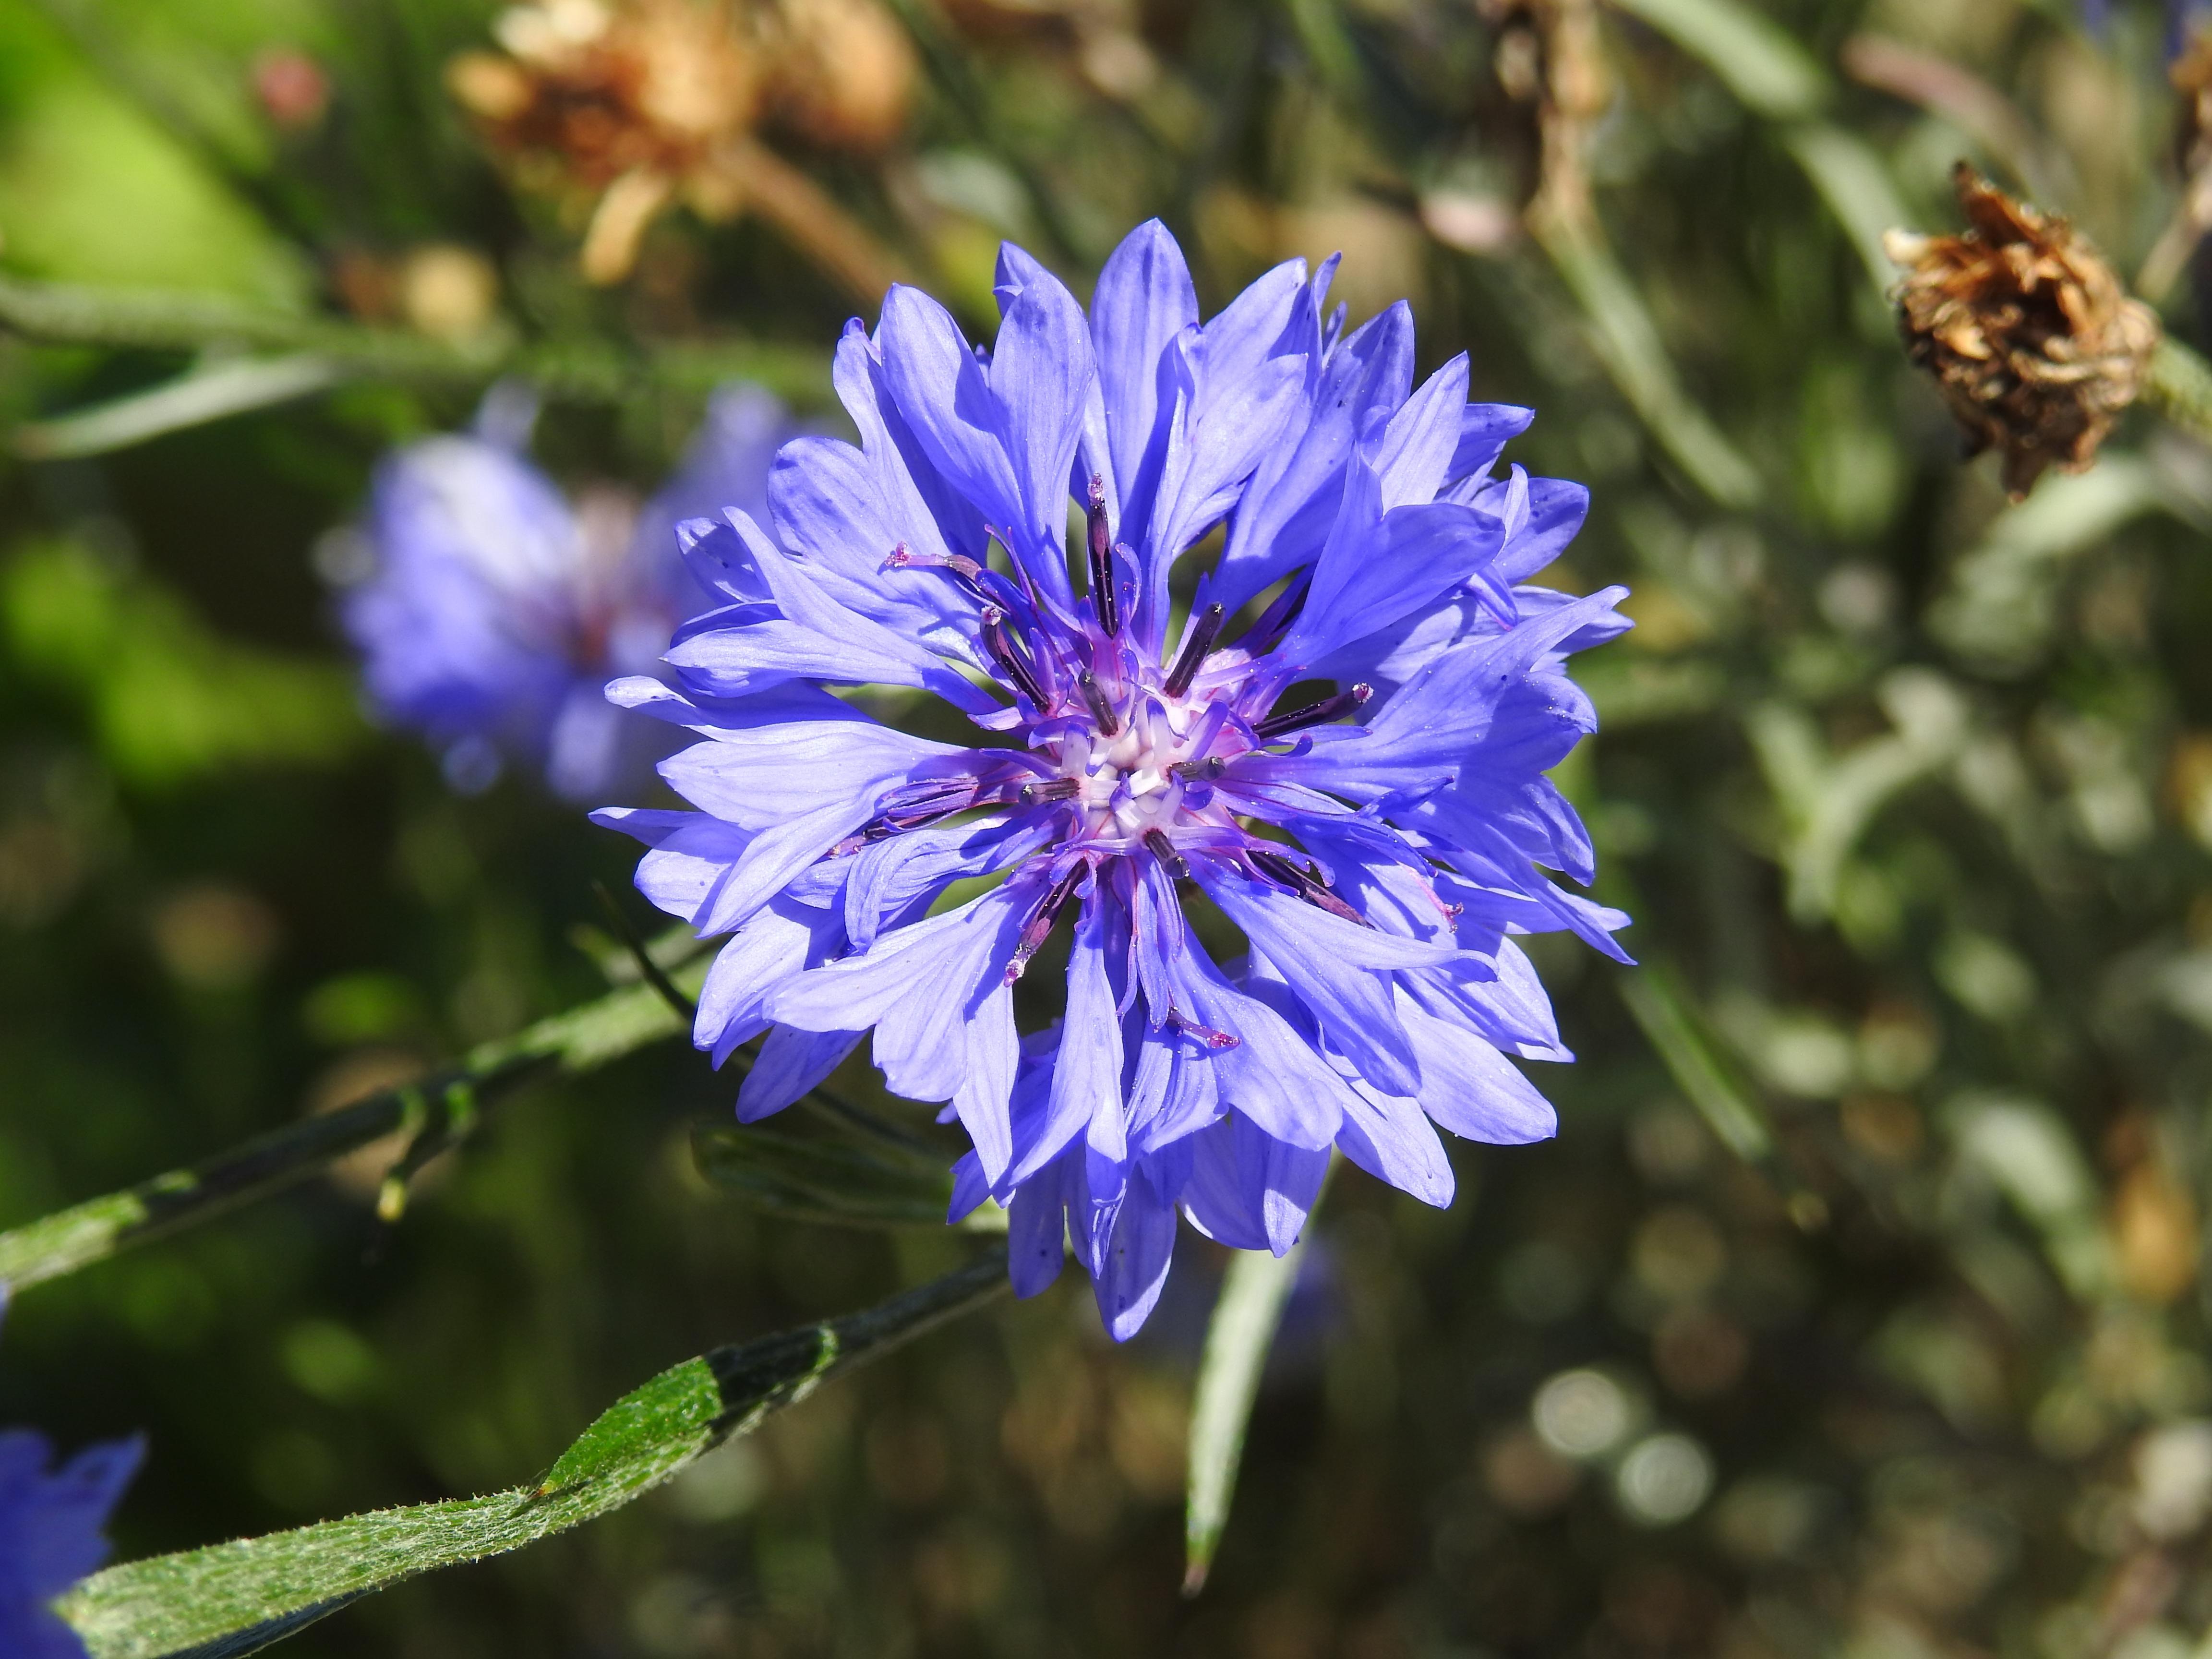 Cornflowers - güzel bir bitki